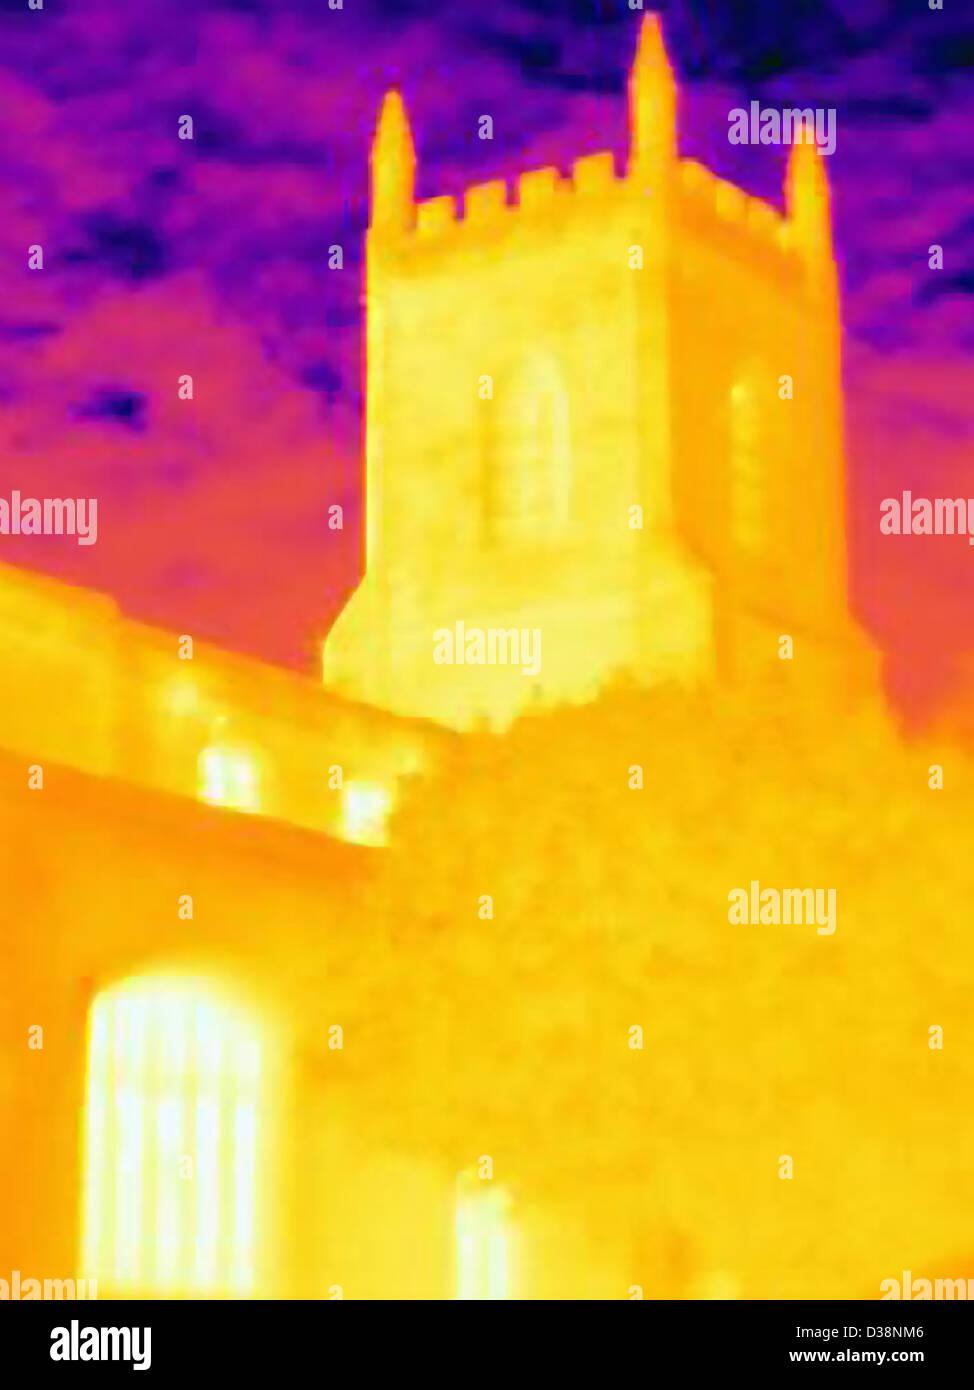 Immagine termica della chiesa edificio Immagini Stock